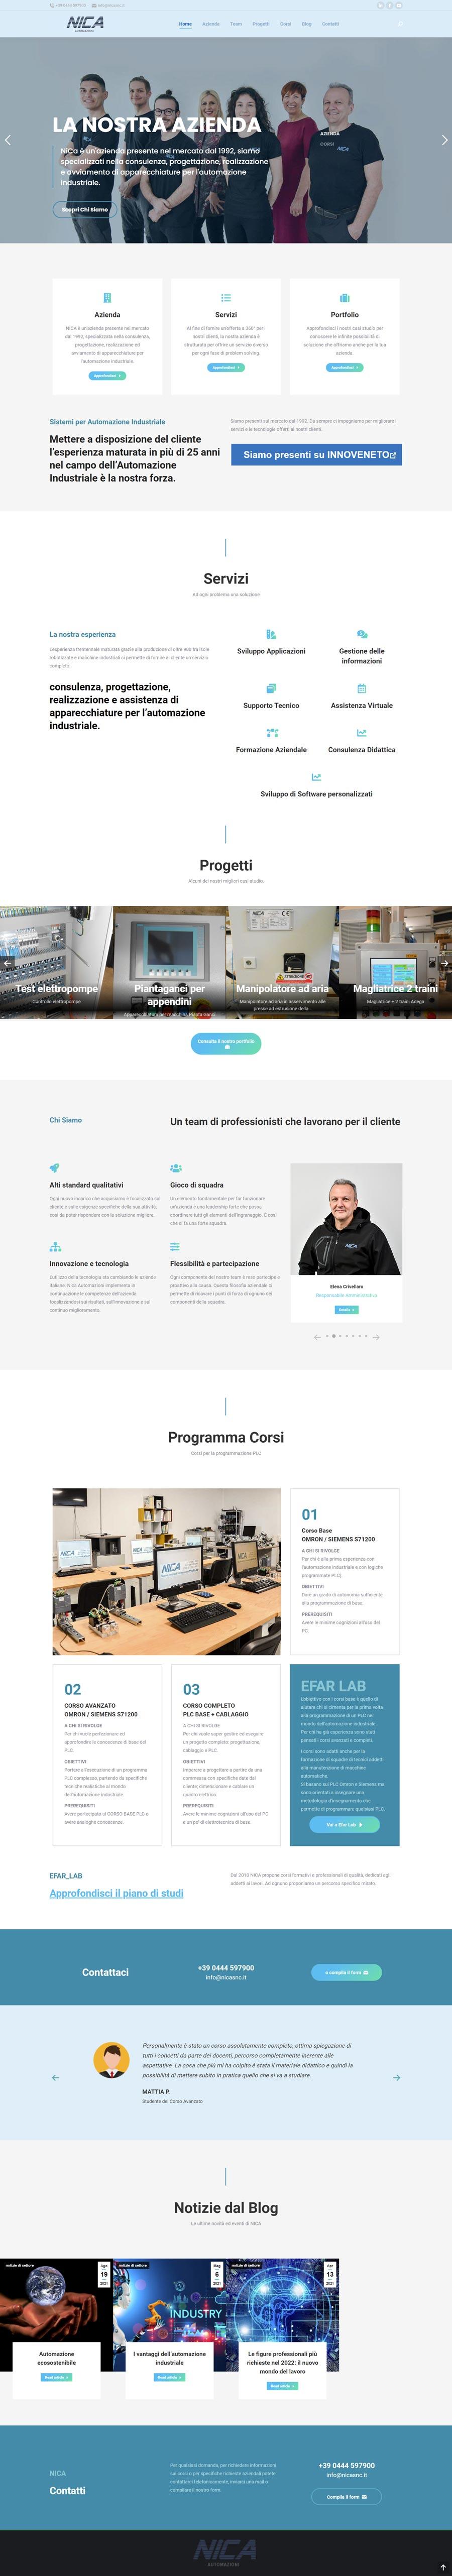 creazione sito web nica automazioni, restyling sito web